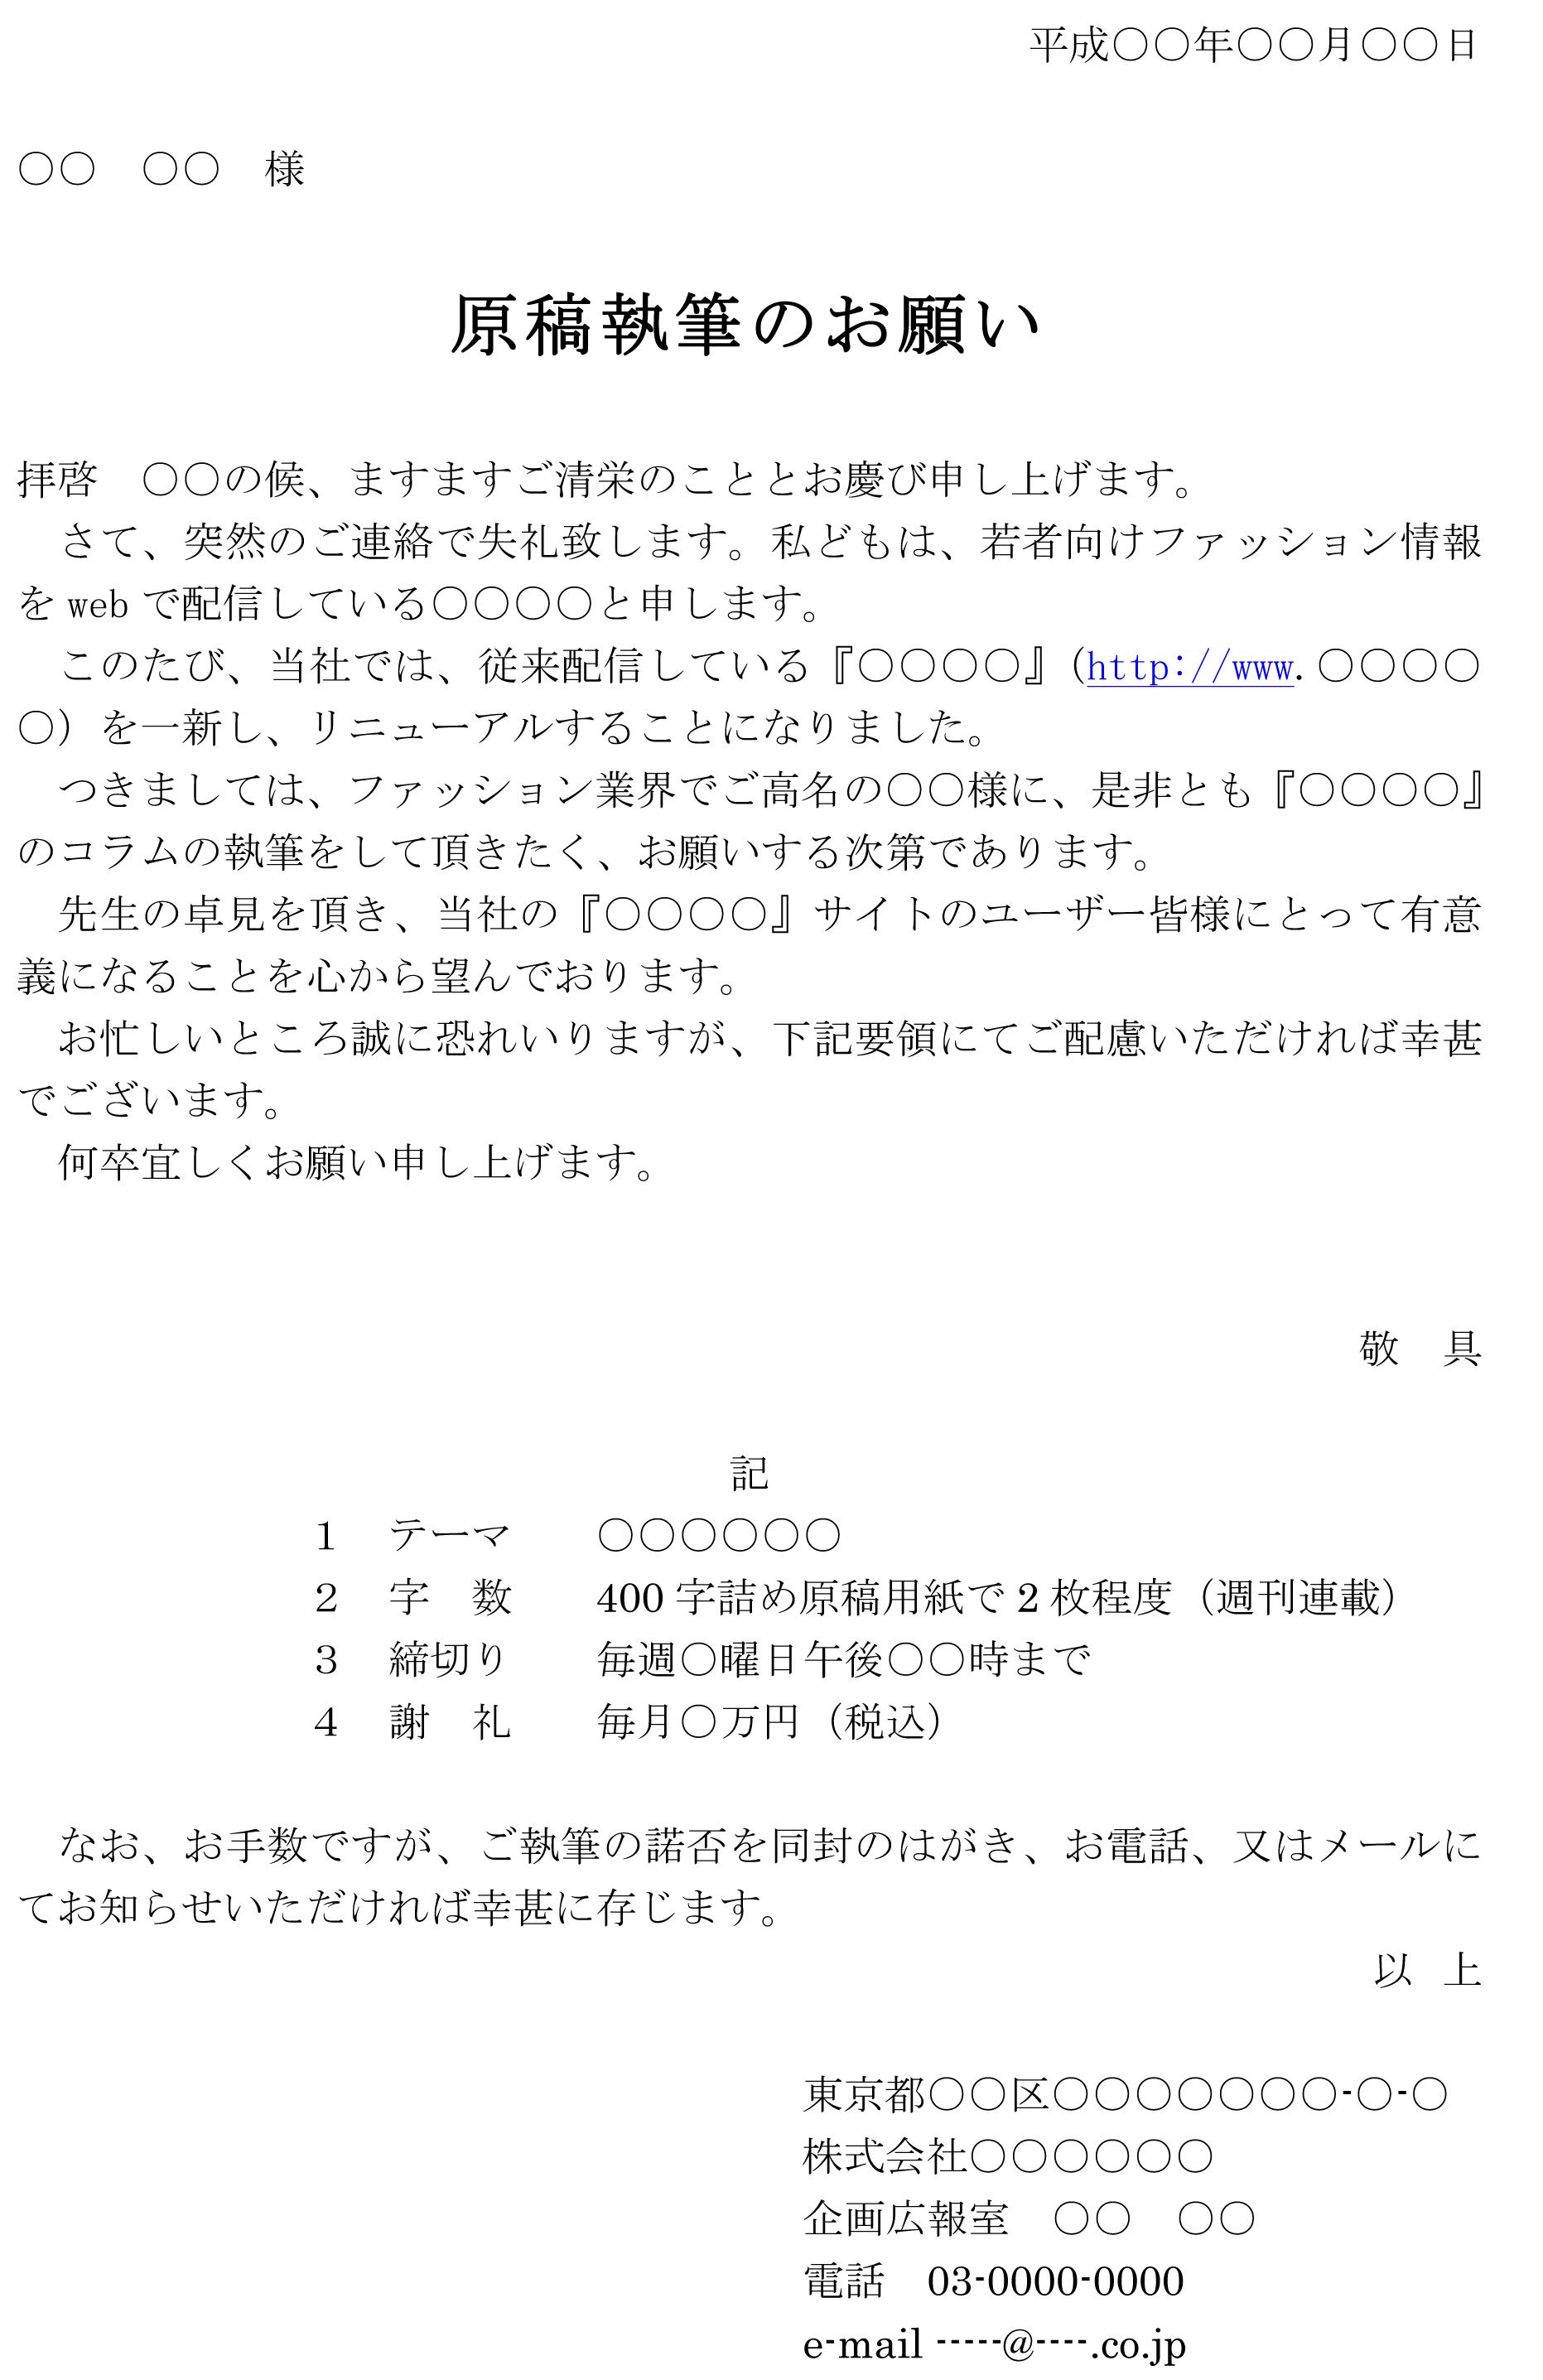 依頼状(原稿執筆)03